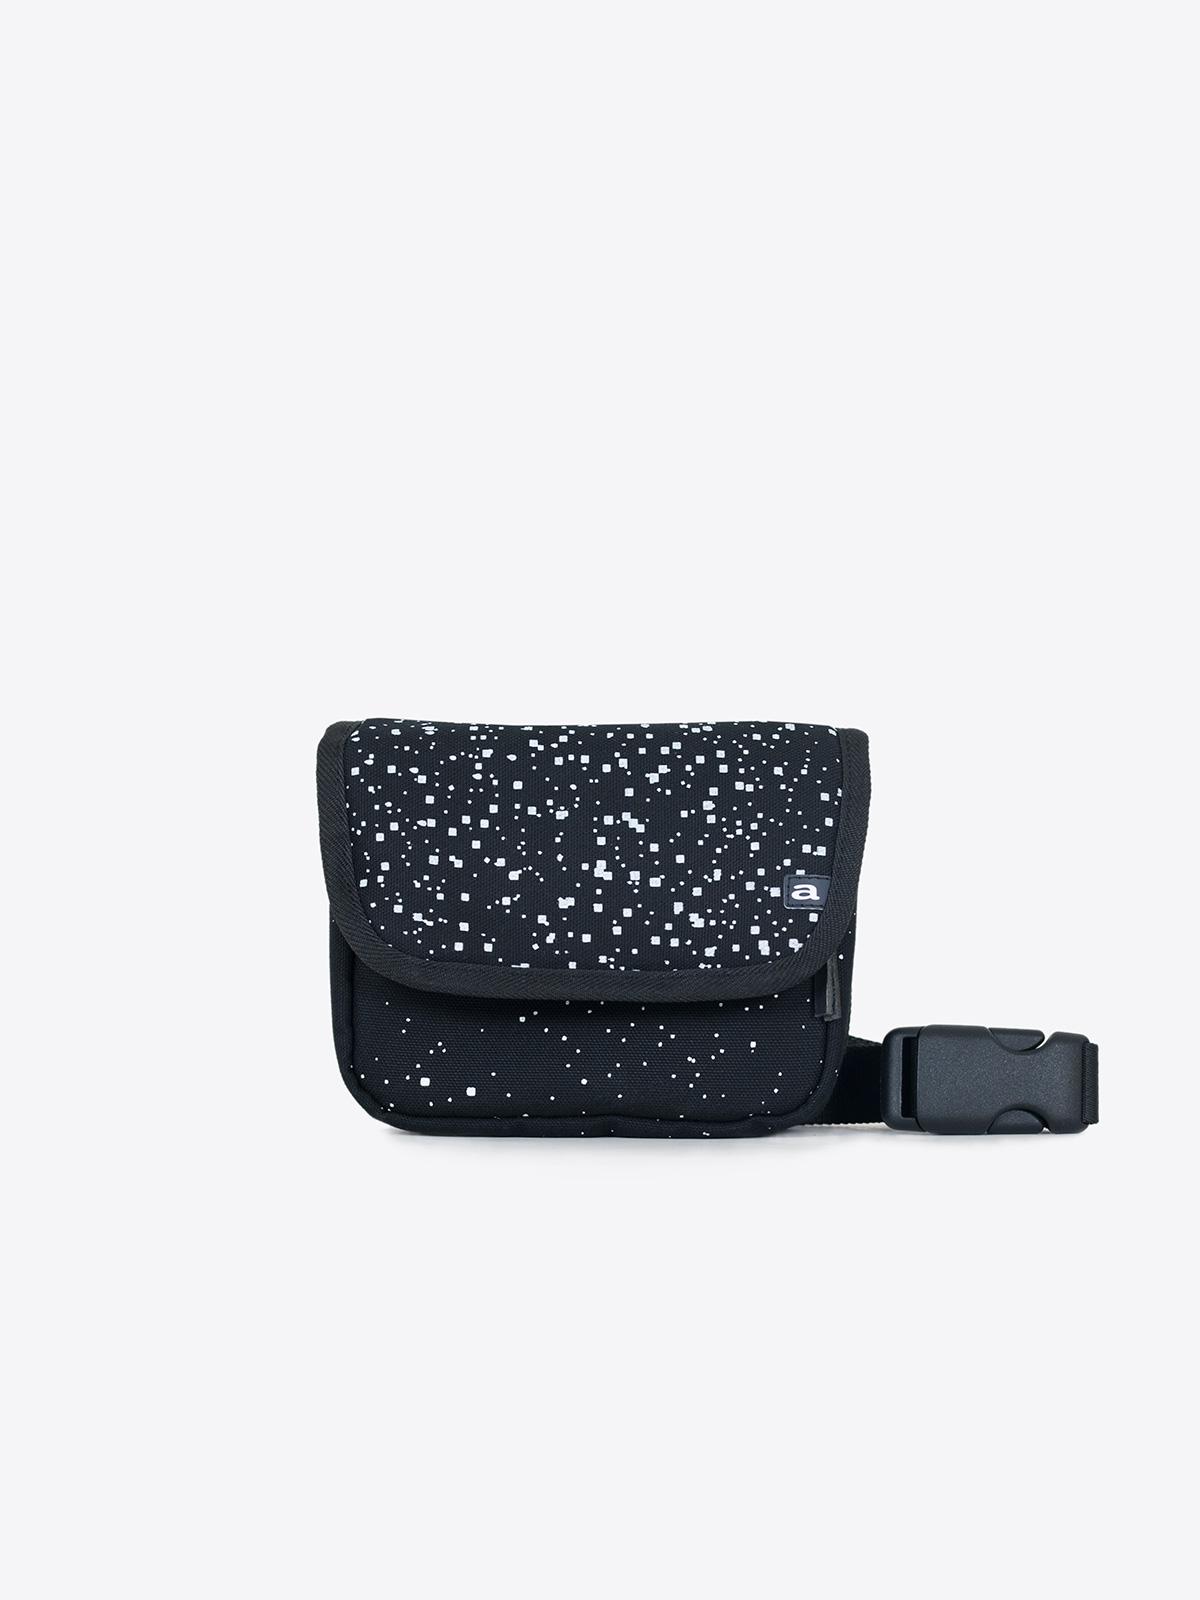 airbag craftworks zip | snow black